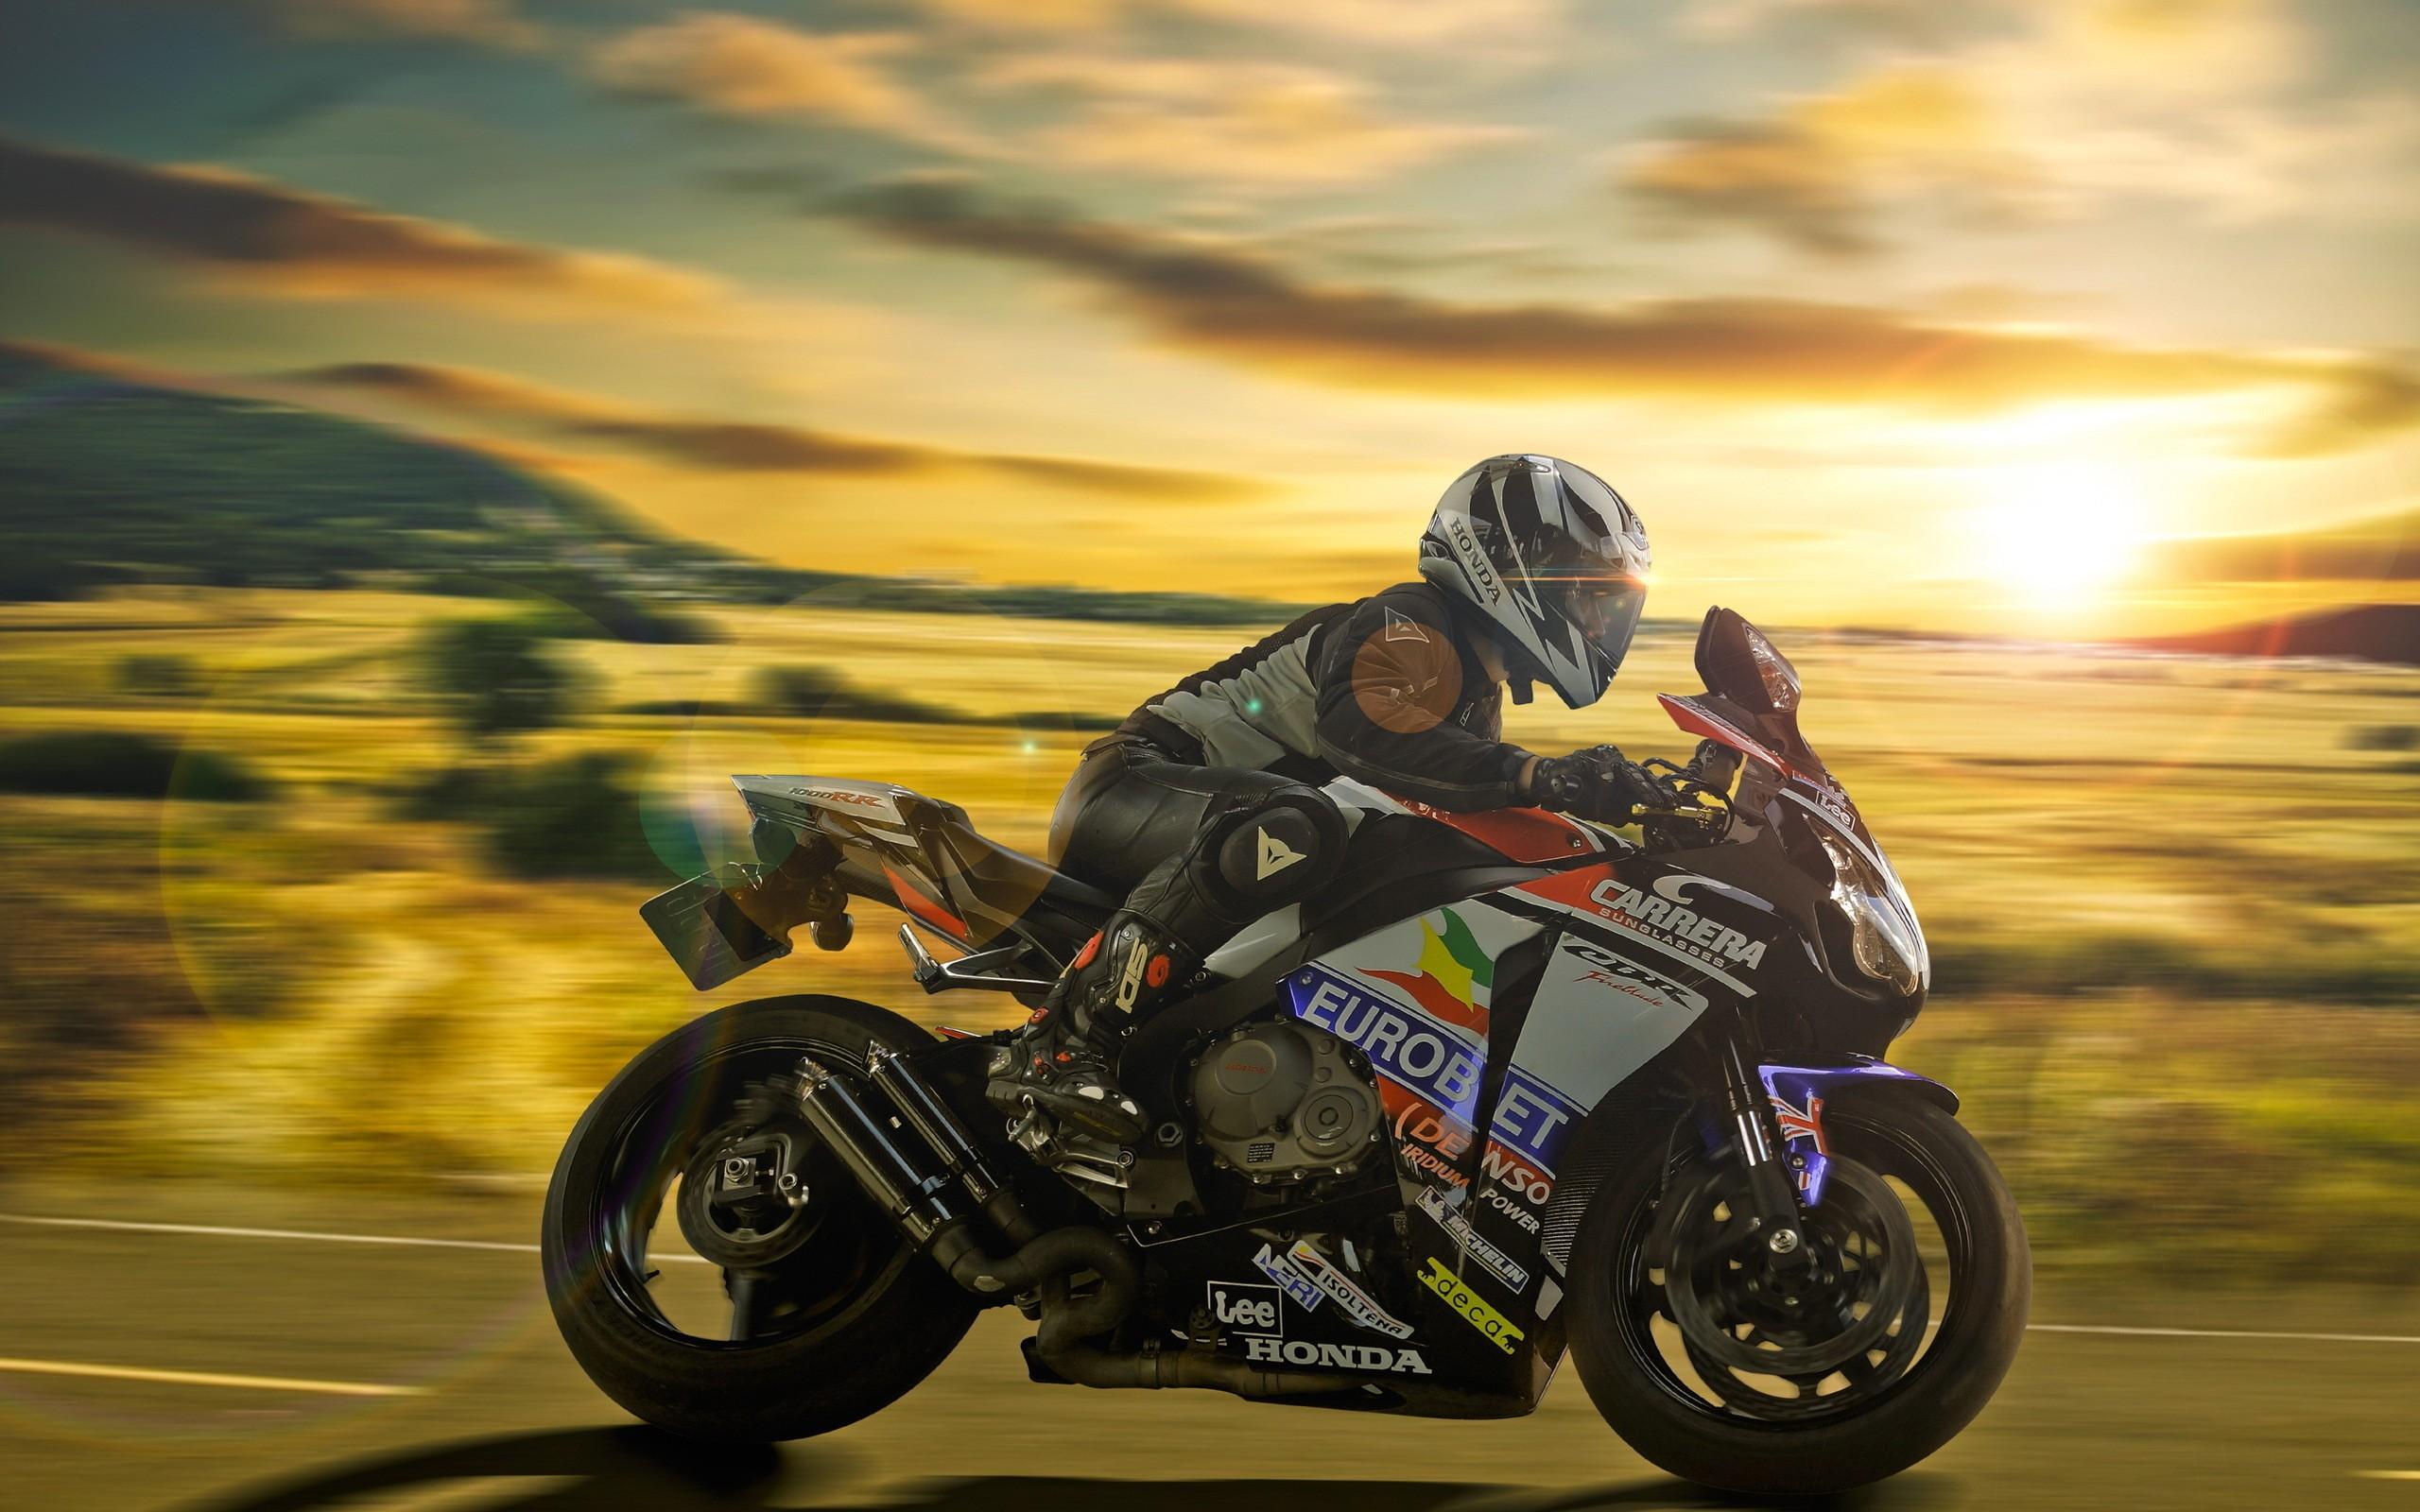 Una moto al atardecer - 2560x1600